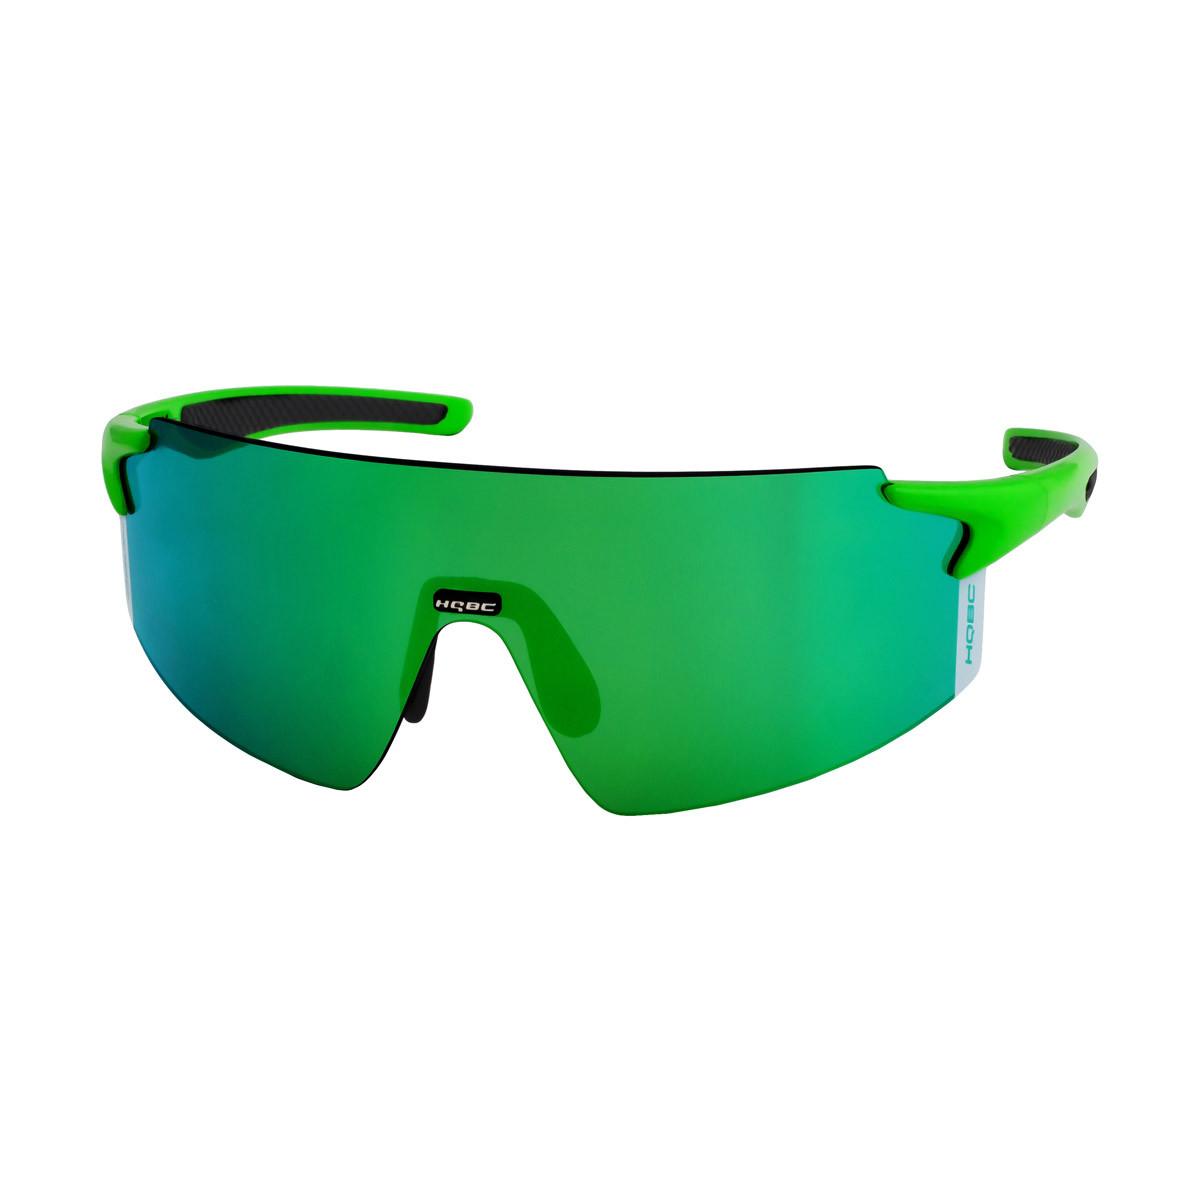 Окуляри HQBC QP-RIDE, неоновий зелений